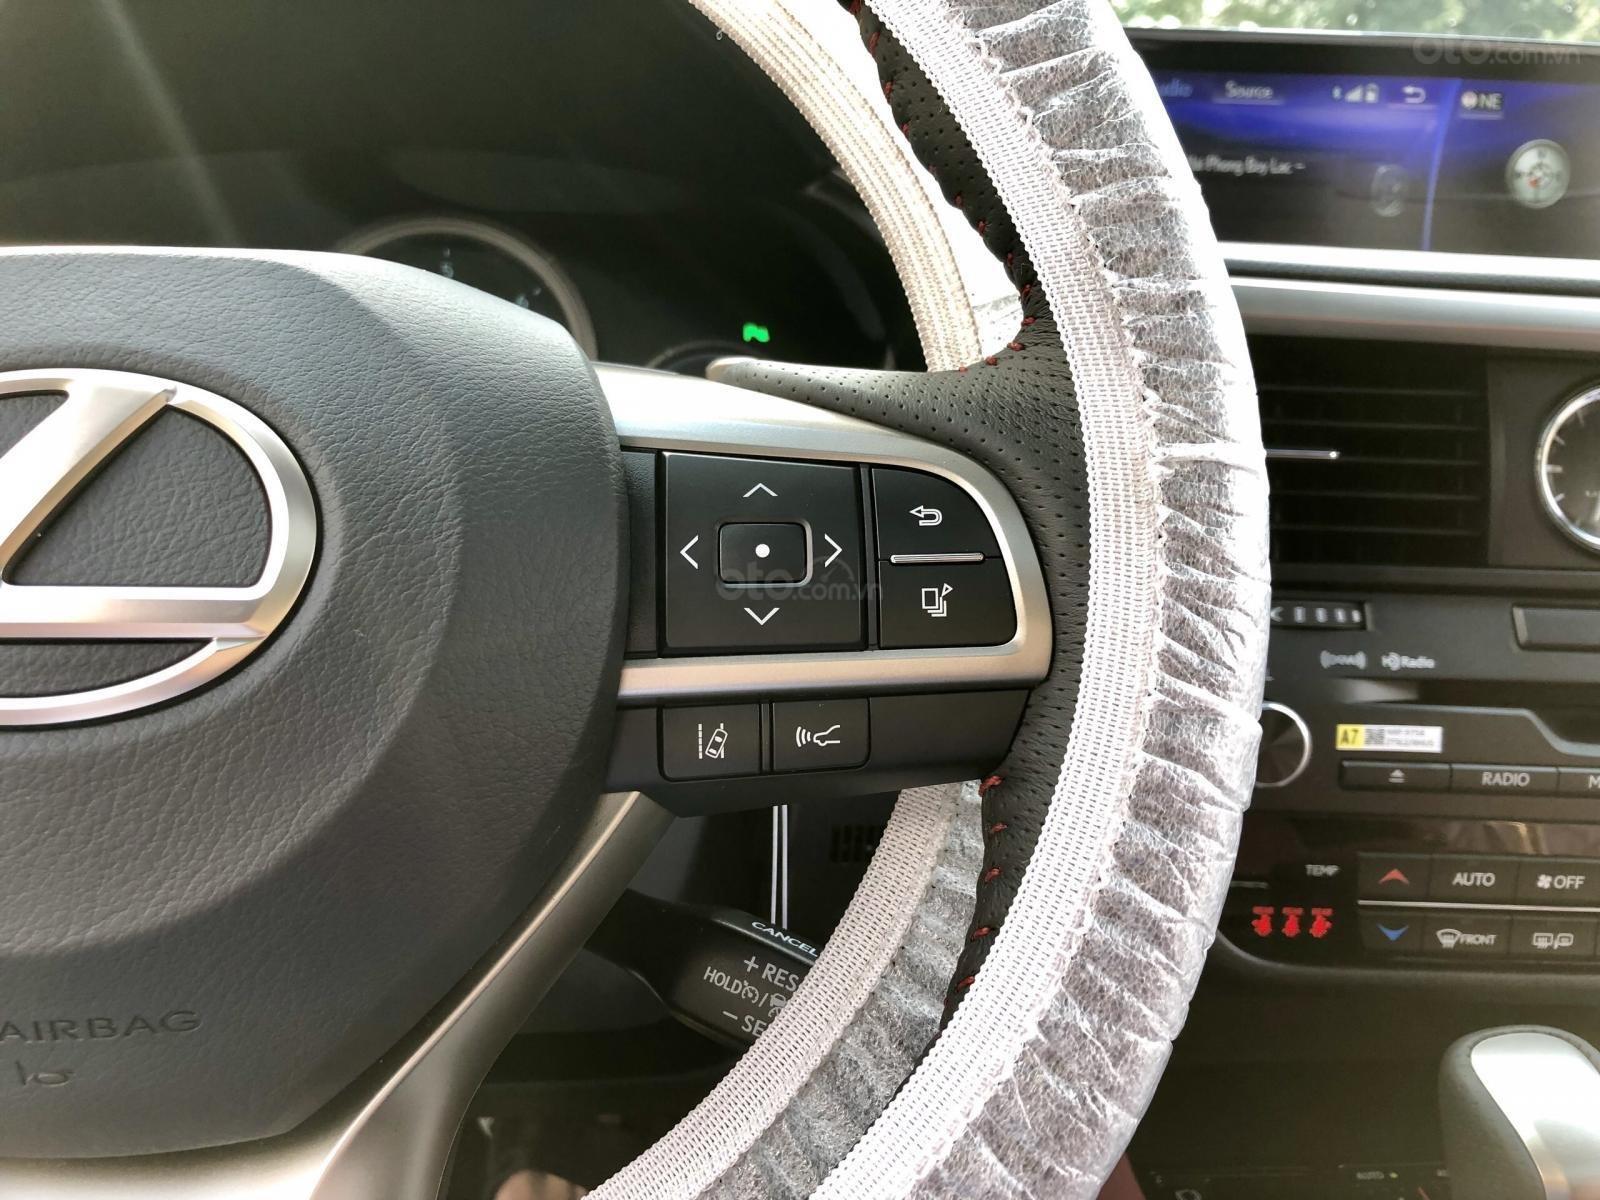 Bán xe Lexus RX350 Fsport 2019 màu trắng, mới 100% nhậP Mỹ. Trả trước 1 tỷ, bank hỗ trợ 80%. Em Lộc: 093.798.2266 (22)